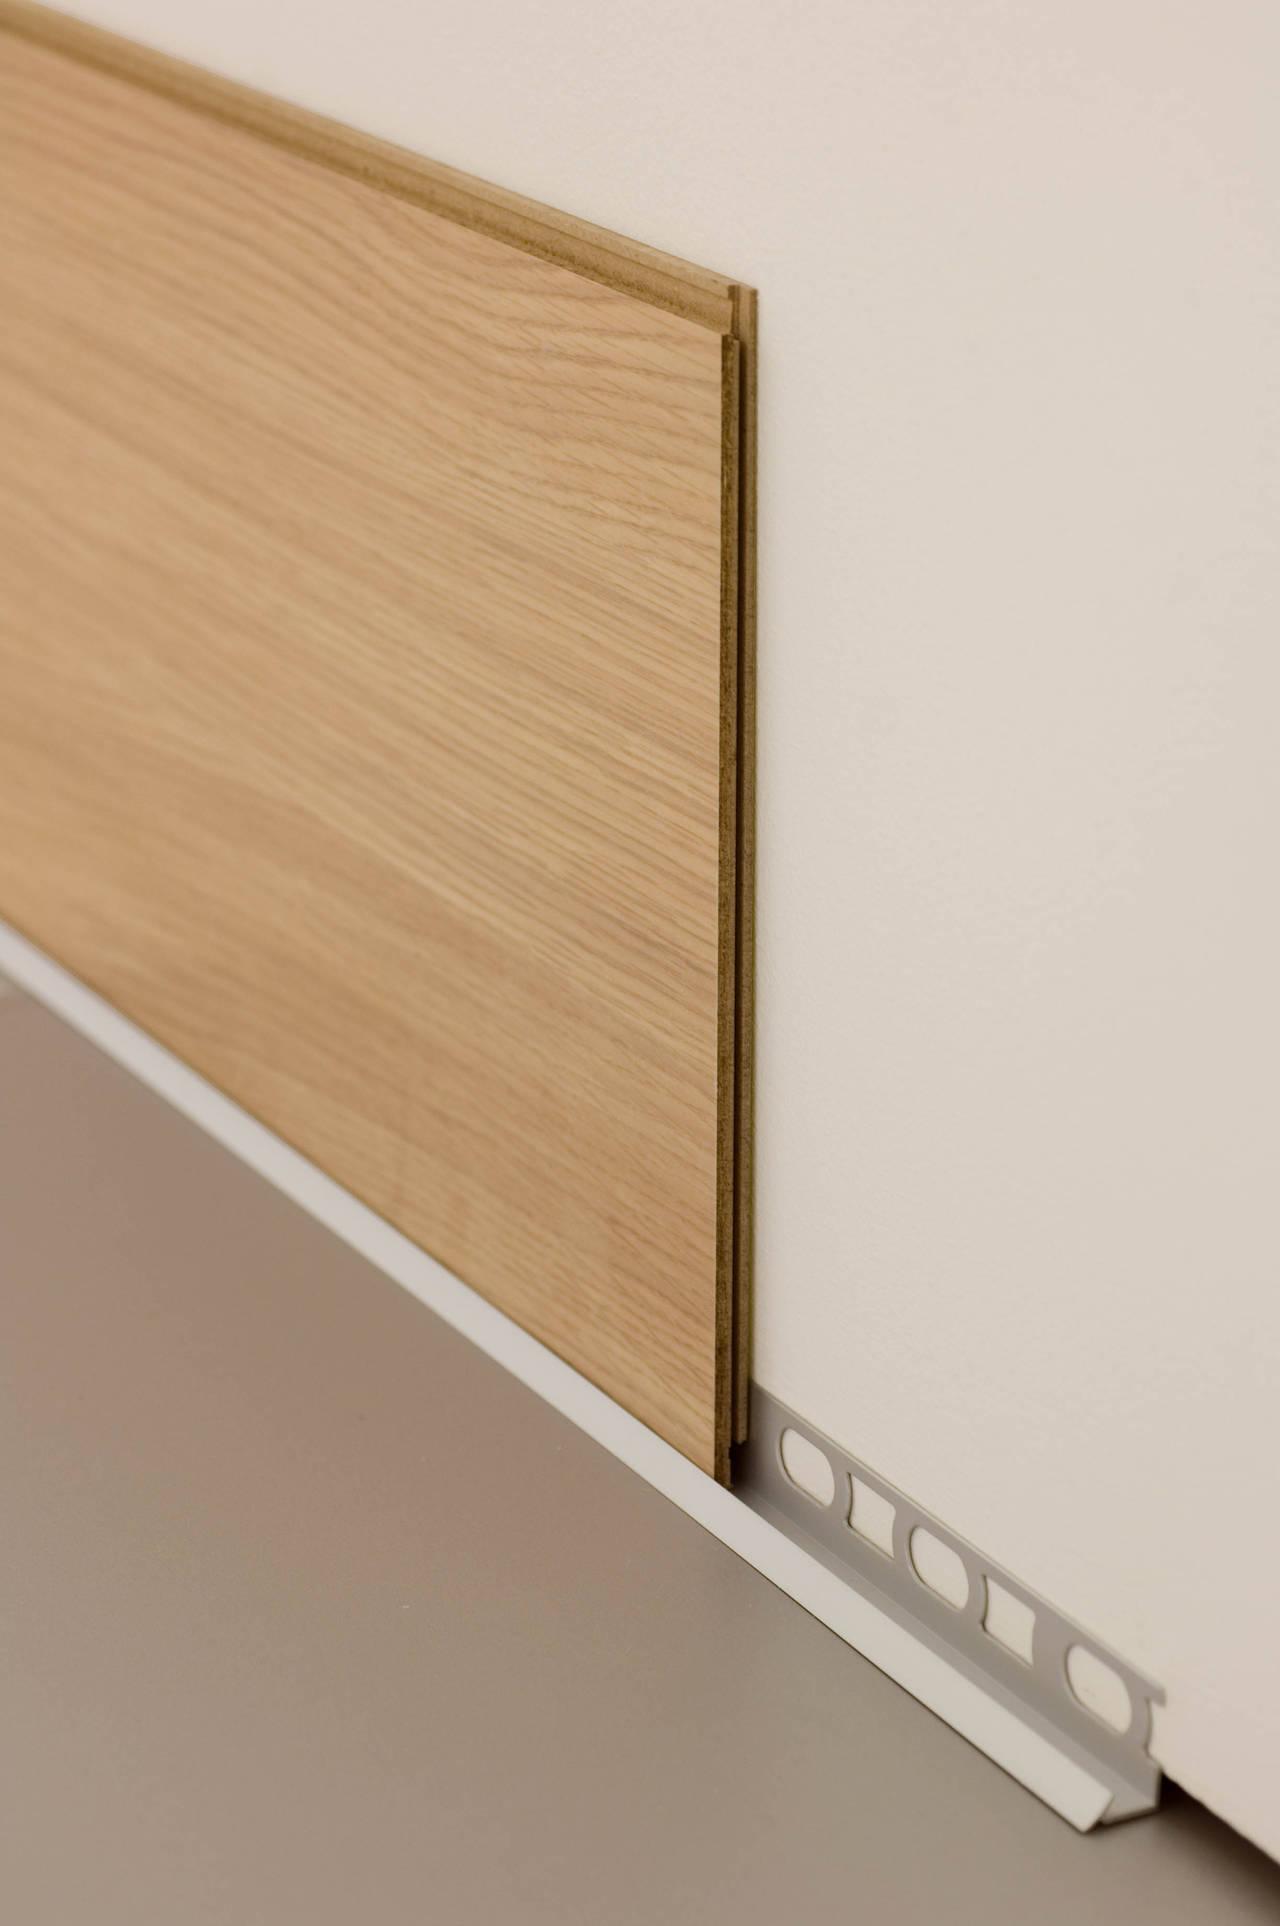 Pareti e legno le boiserie for Perline in legno per pareti prezzi